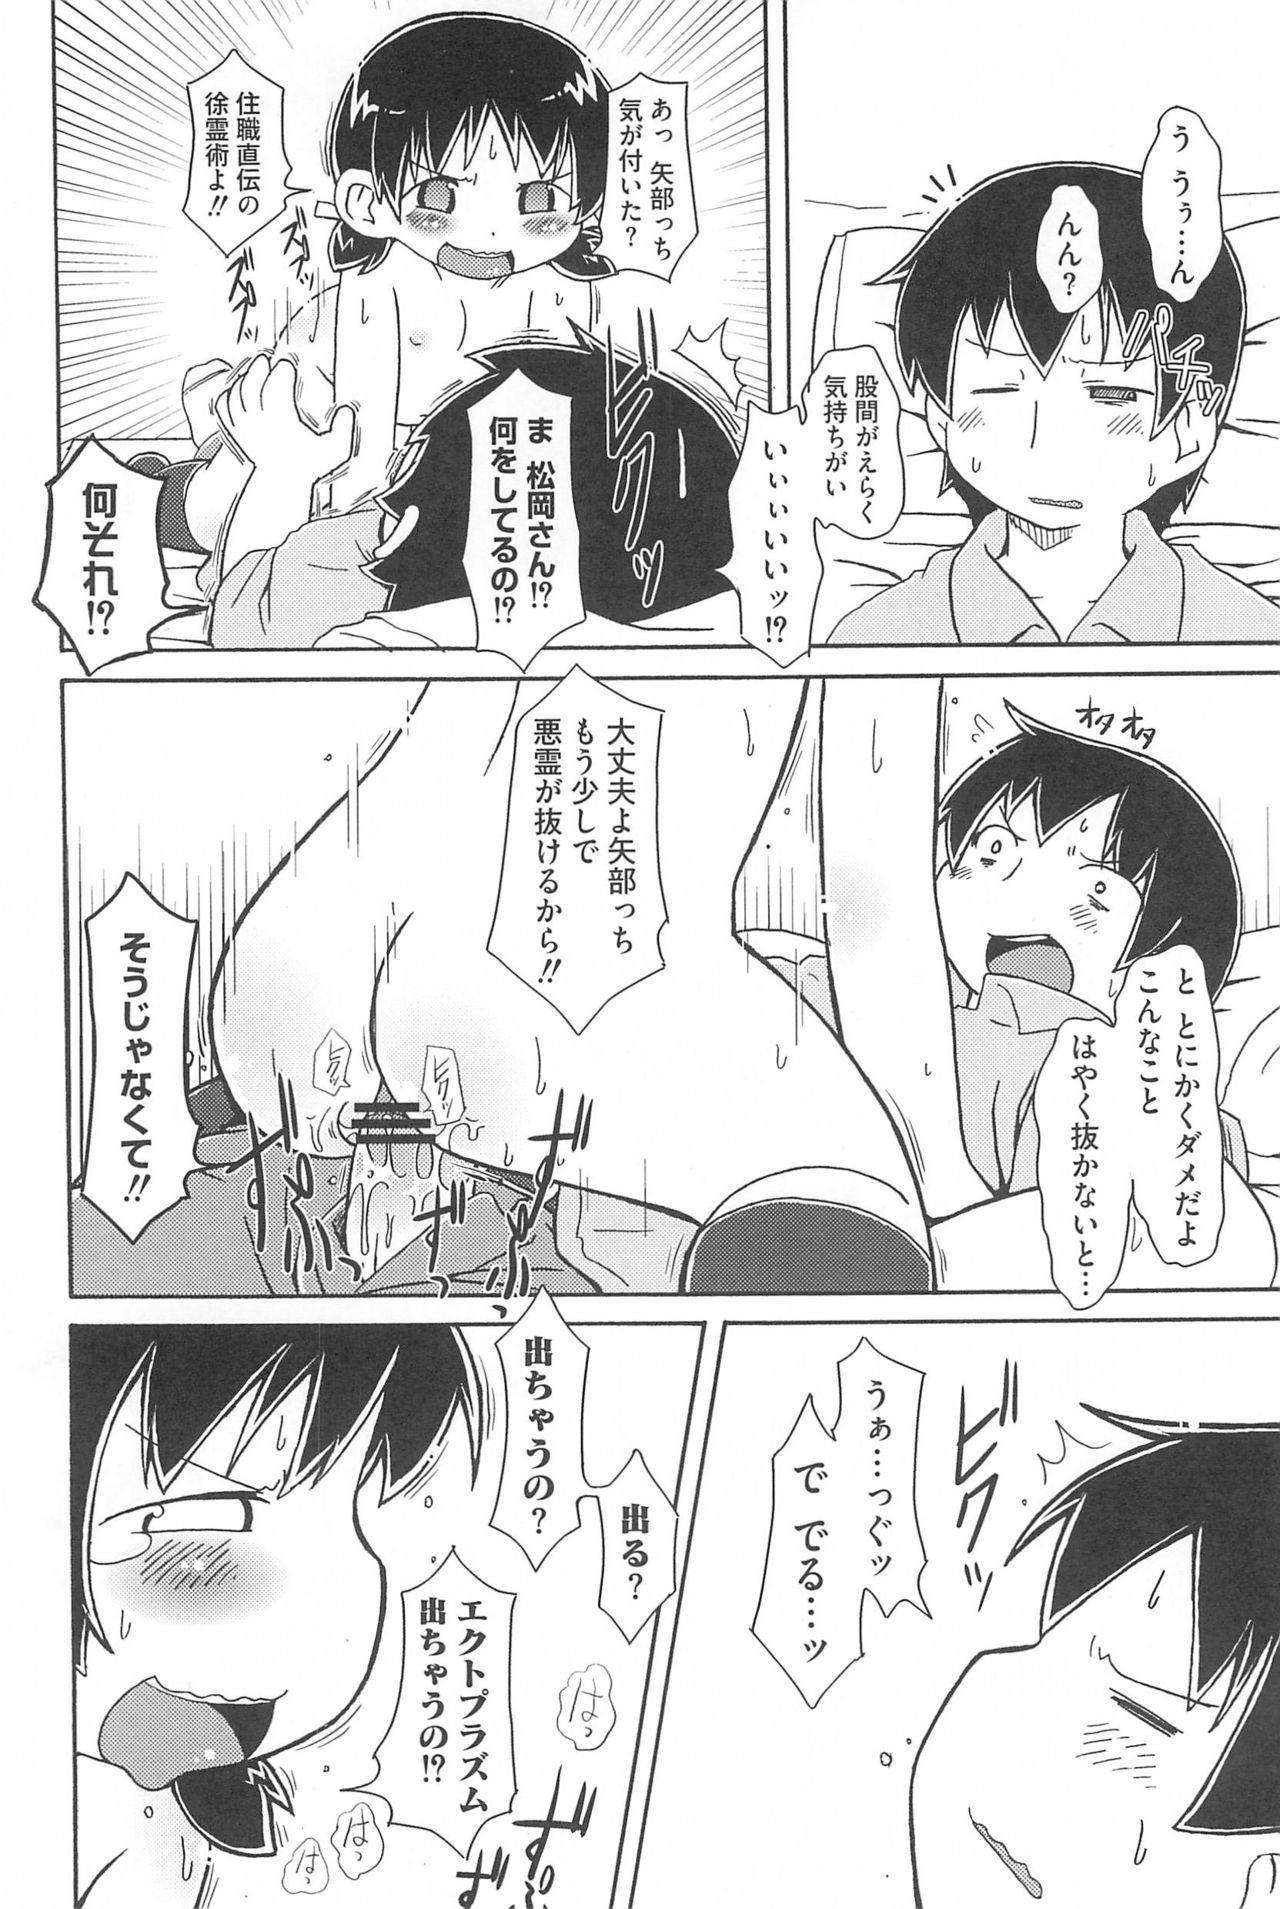 [Anthology] 3-tsugo 3 Shimai no Seiyoku wa 3-bai (Mitsudomoe) 67